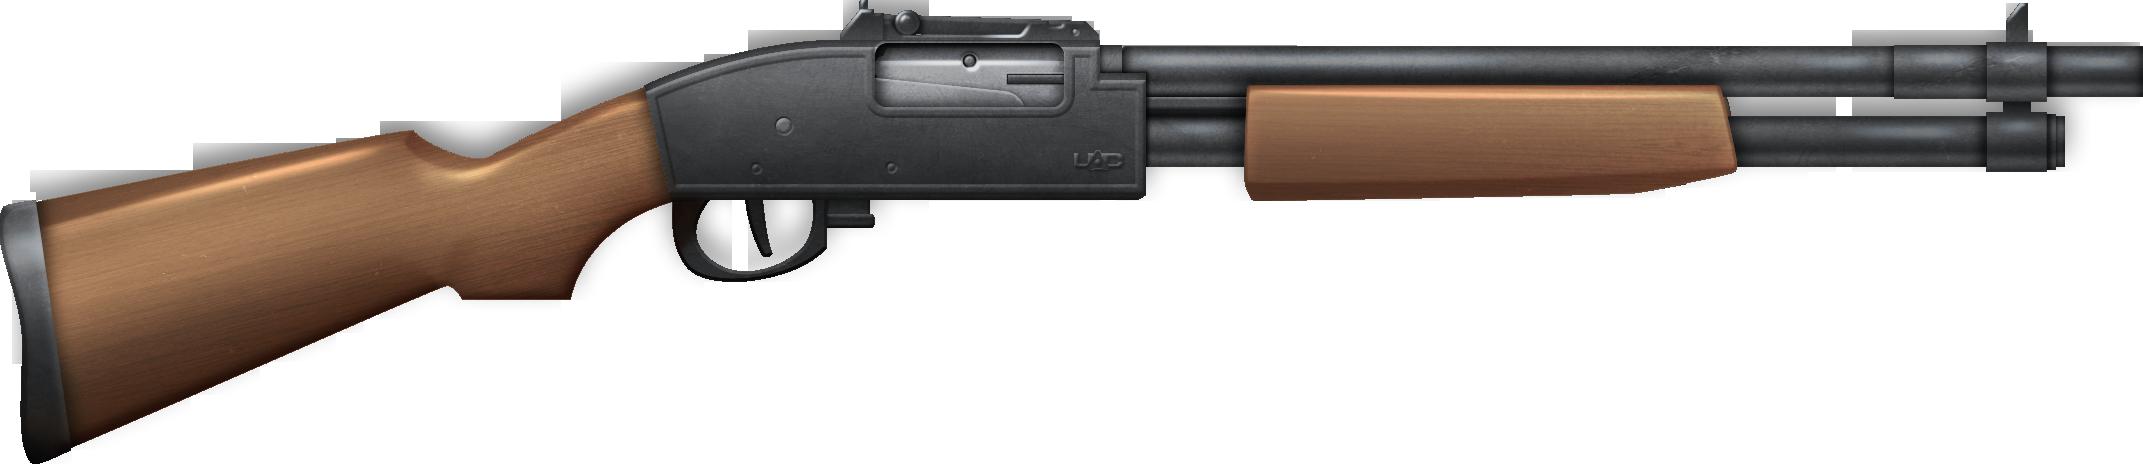 Shotgun png . Clipart gun musket